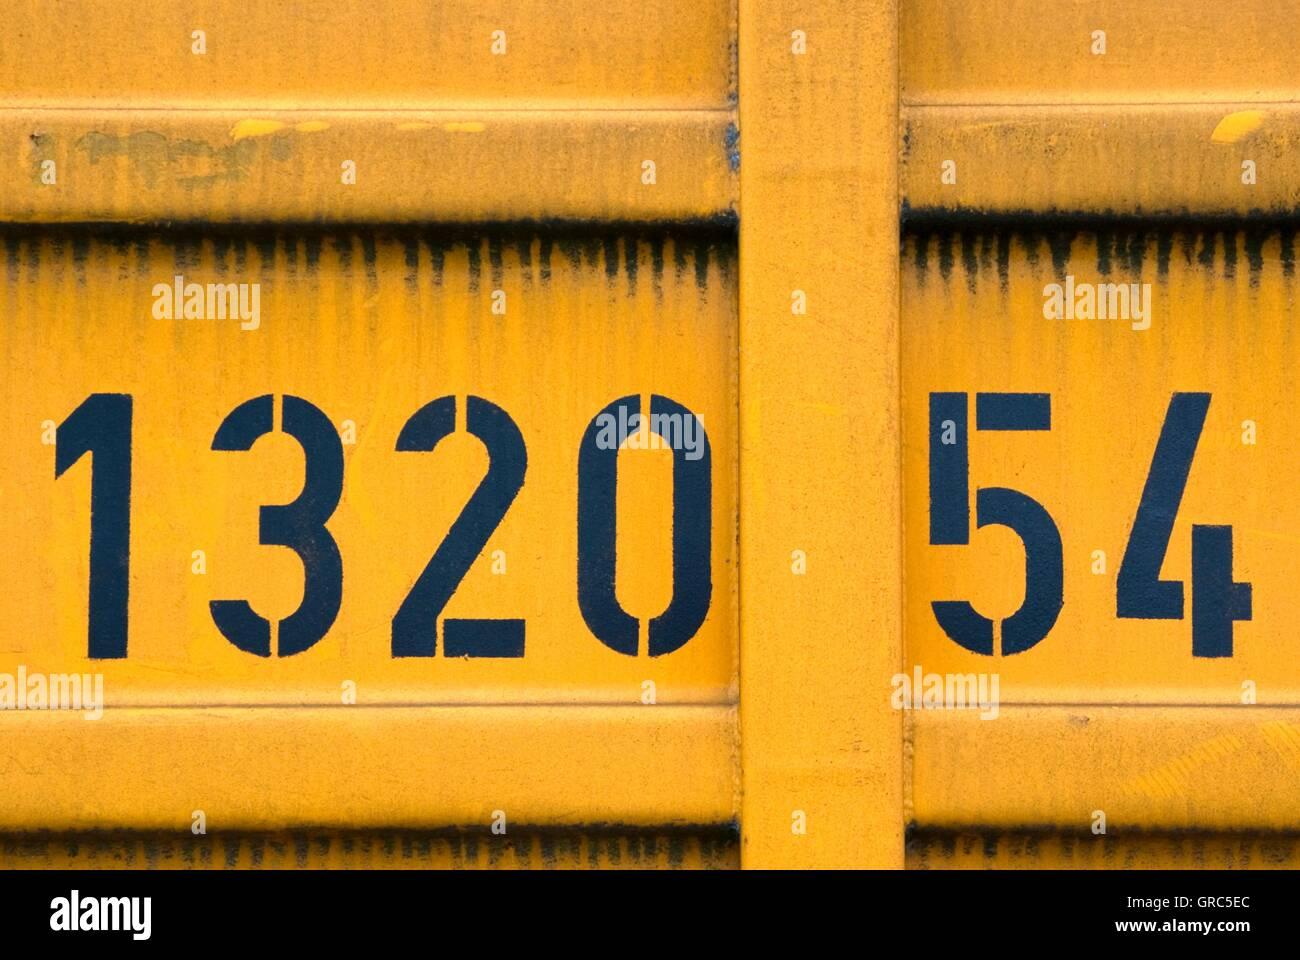 Hamburger Container detaillierte numerische Code Stockbild